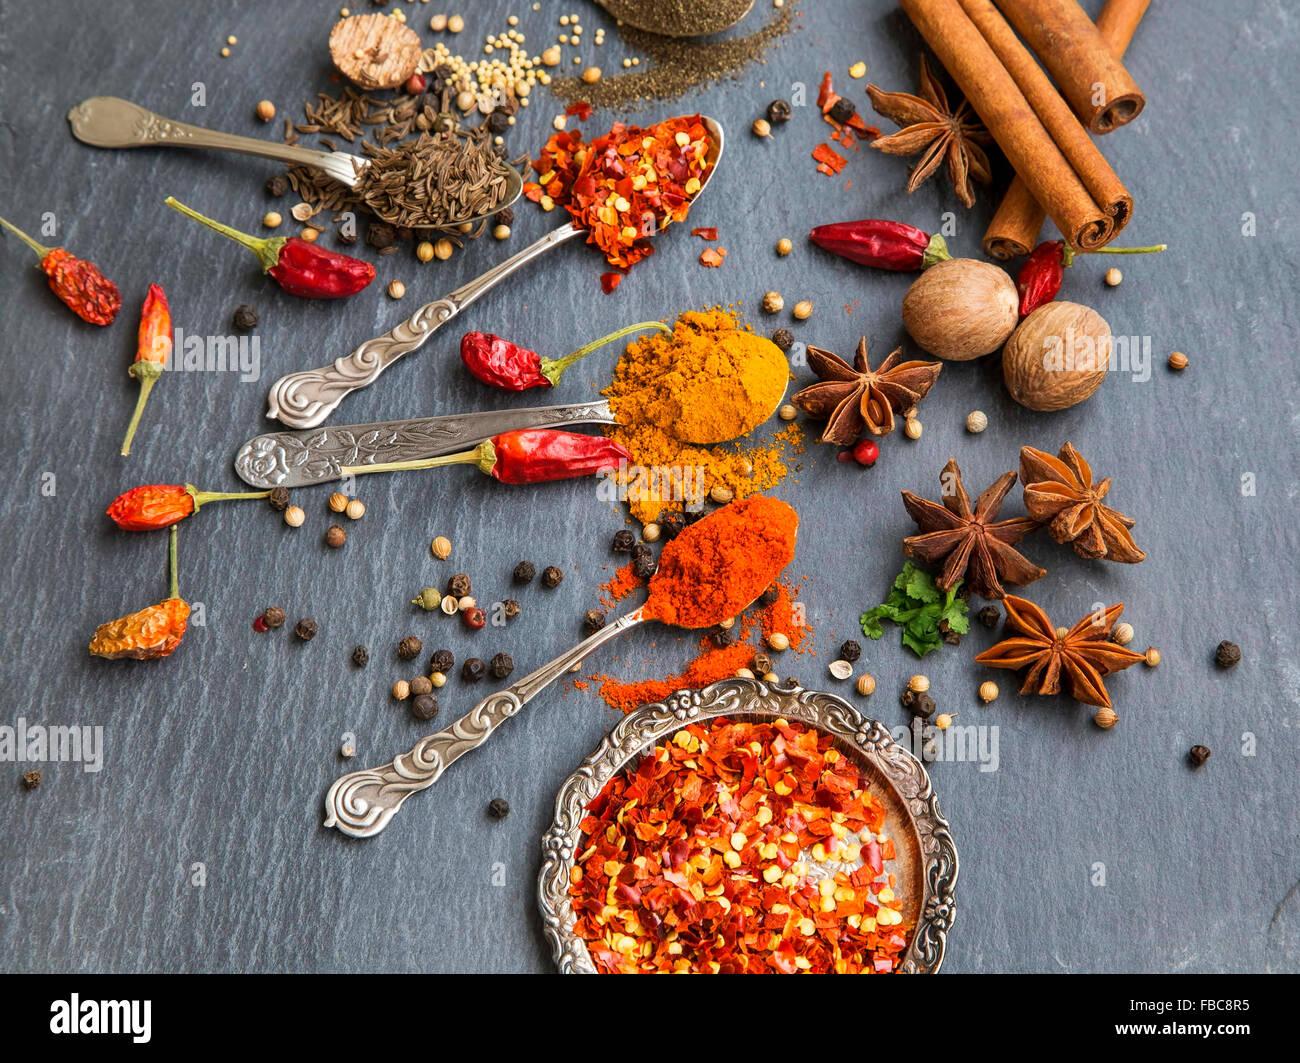 Aromatische Gewürze mit Pfeffer und Kurkuma Pulver, Kreuzkümmel und Koriander Samen, Chili-Flocken, Anis, Stockbild